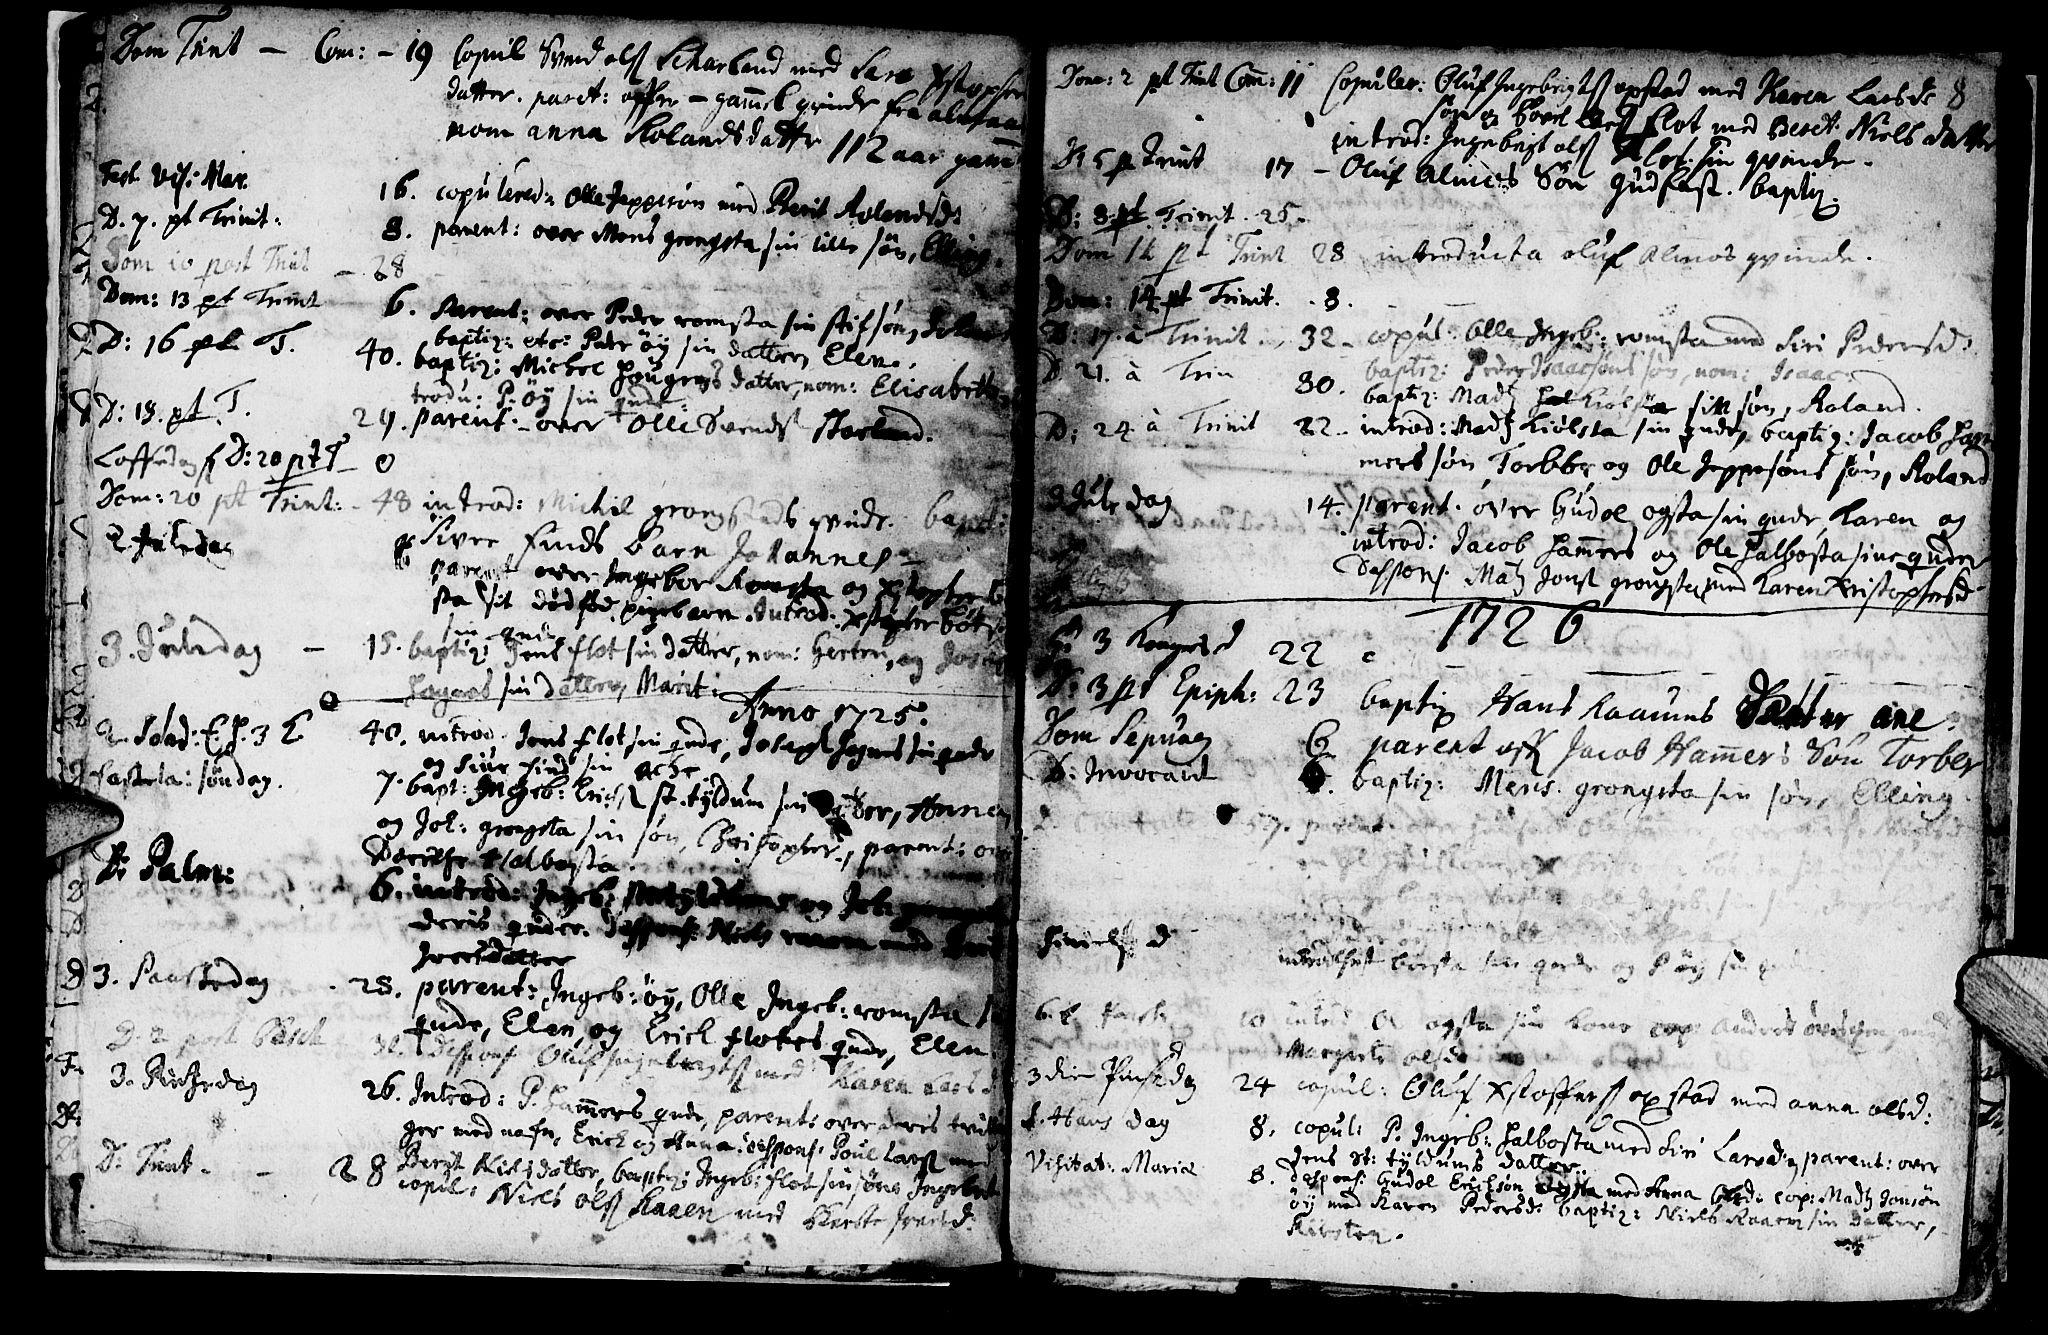 SAT, Ministerialprotokoller, klokkerbøker og fødselsregistre - Nord-Trøndelag, 765/L0560: Ministerialbok nr. 765A01, 1706-1748, s. 8